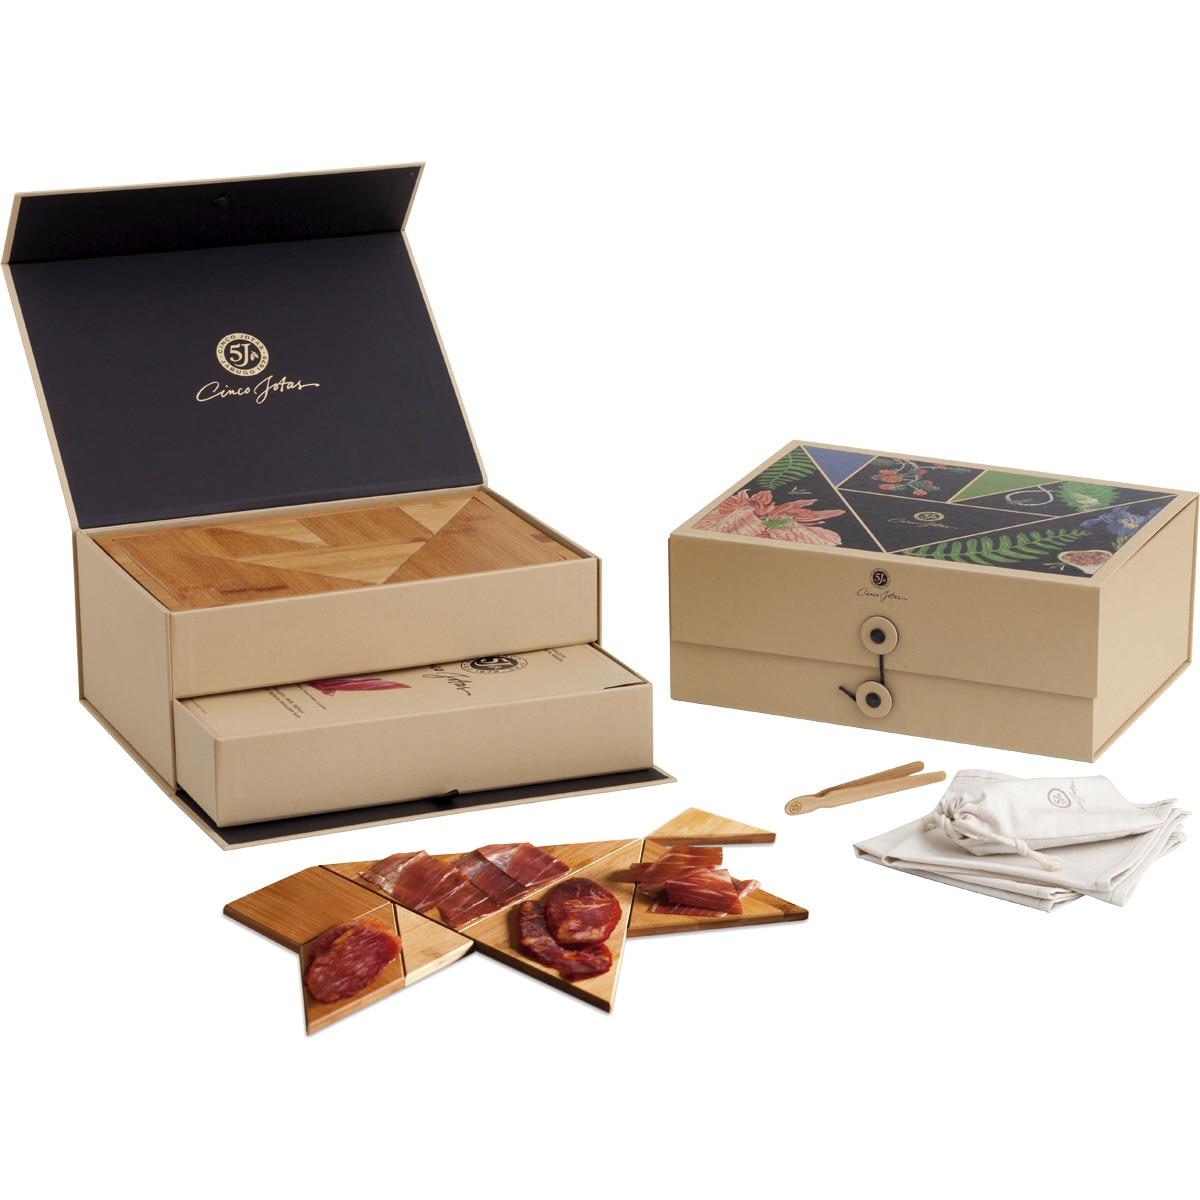 Tangram box 2 blísters de jamón + 2 de presa + 2 de lomo de bellota ibéricos de 80 g c/u estuche 480 g + tabla y juego de Tangram en bambú + 2 servilletas de lino y algodón